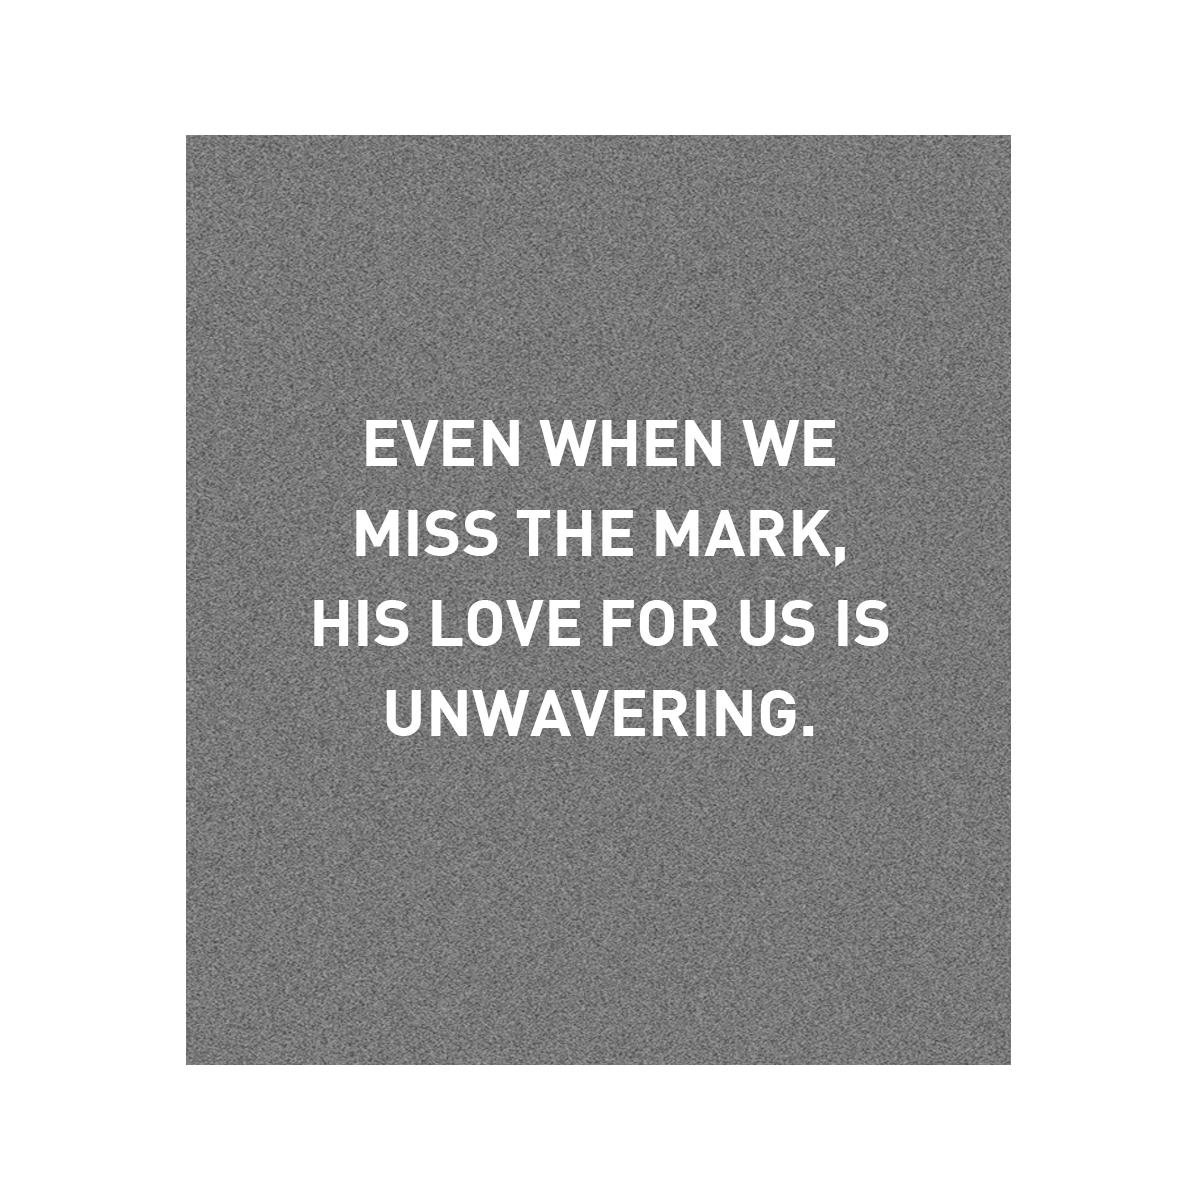 Devo Relationships 8.29